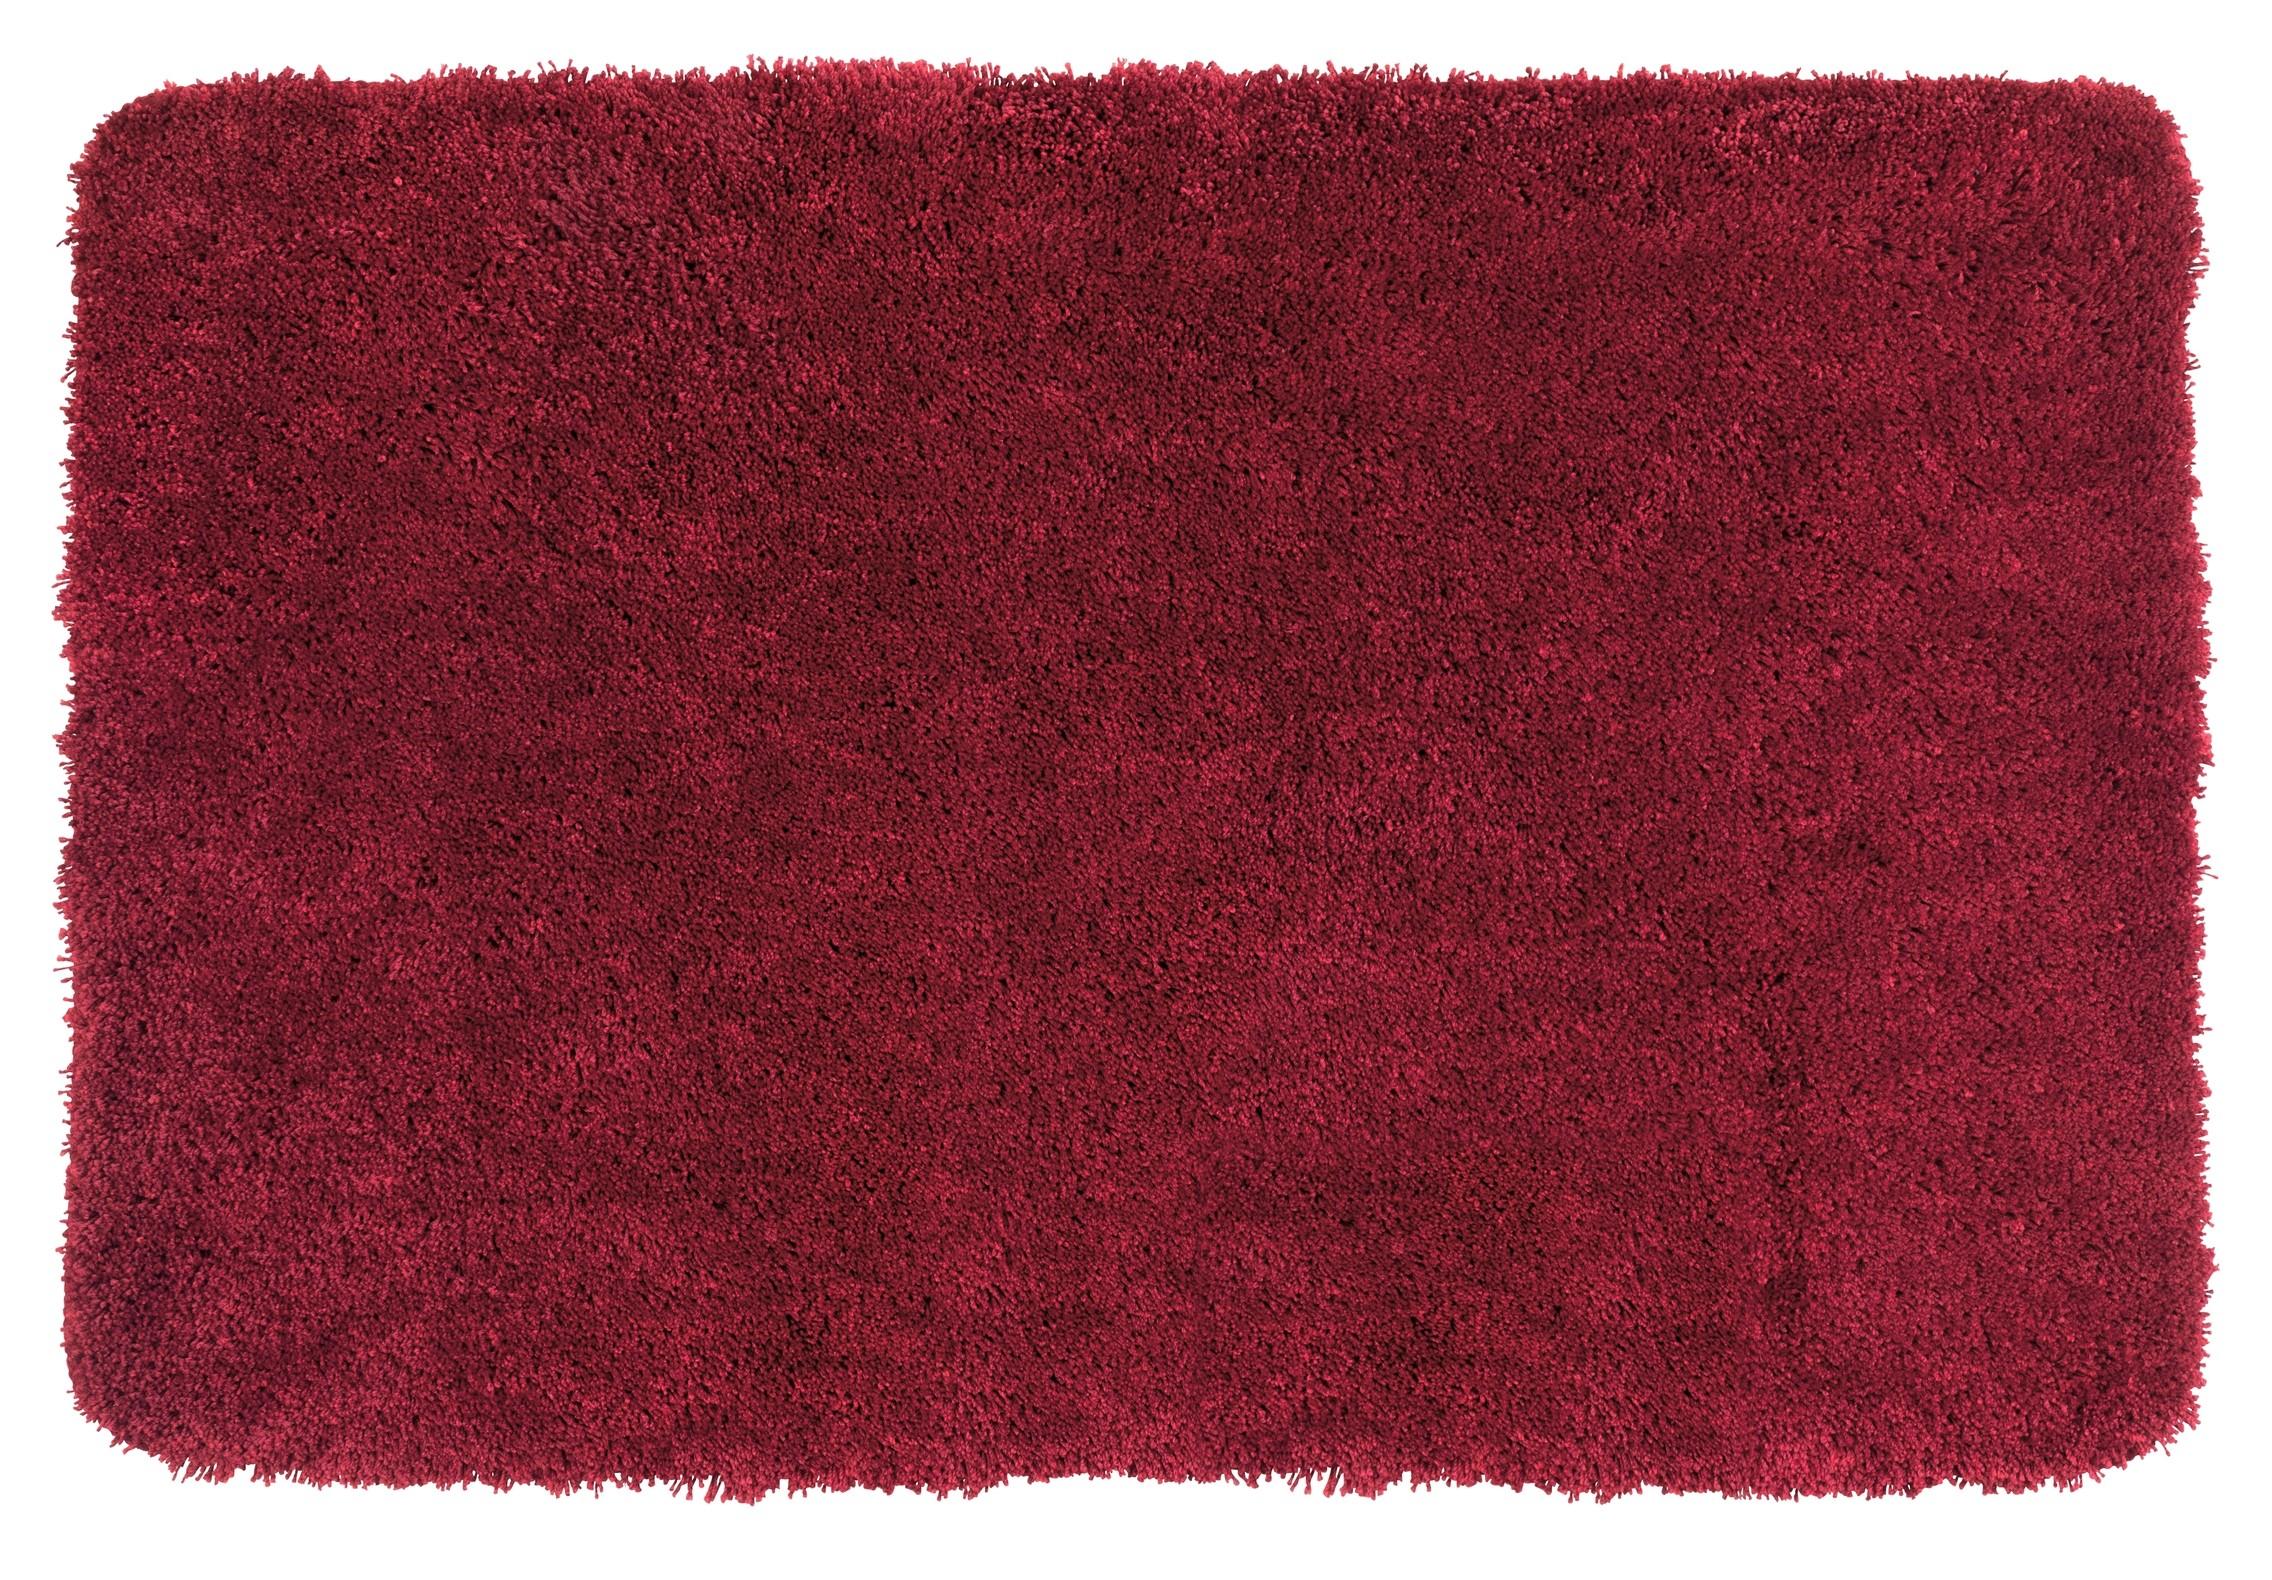 Wenko Badteppich Mélange Chili, 55 x 65 cm, Mikrofaser